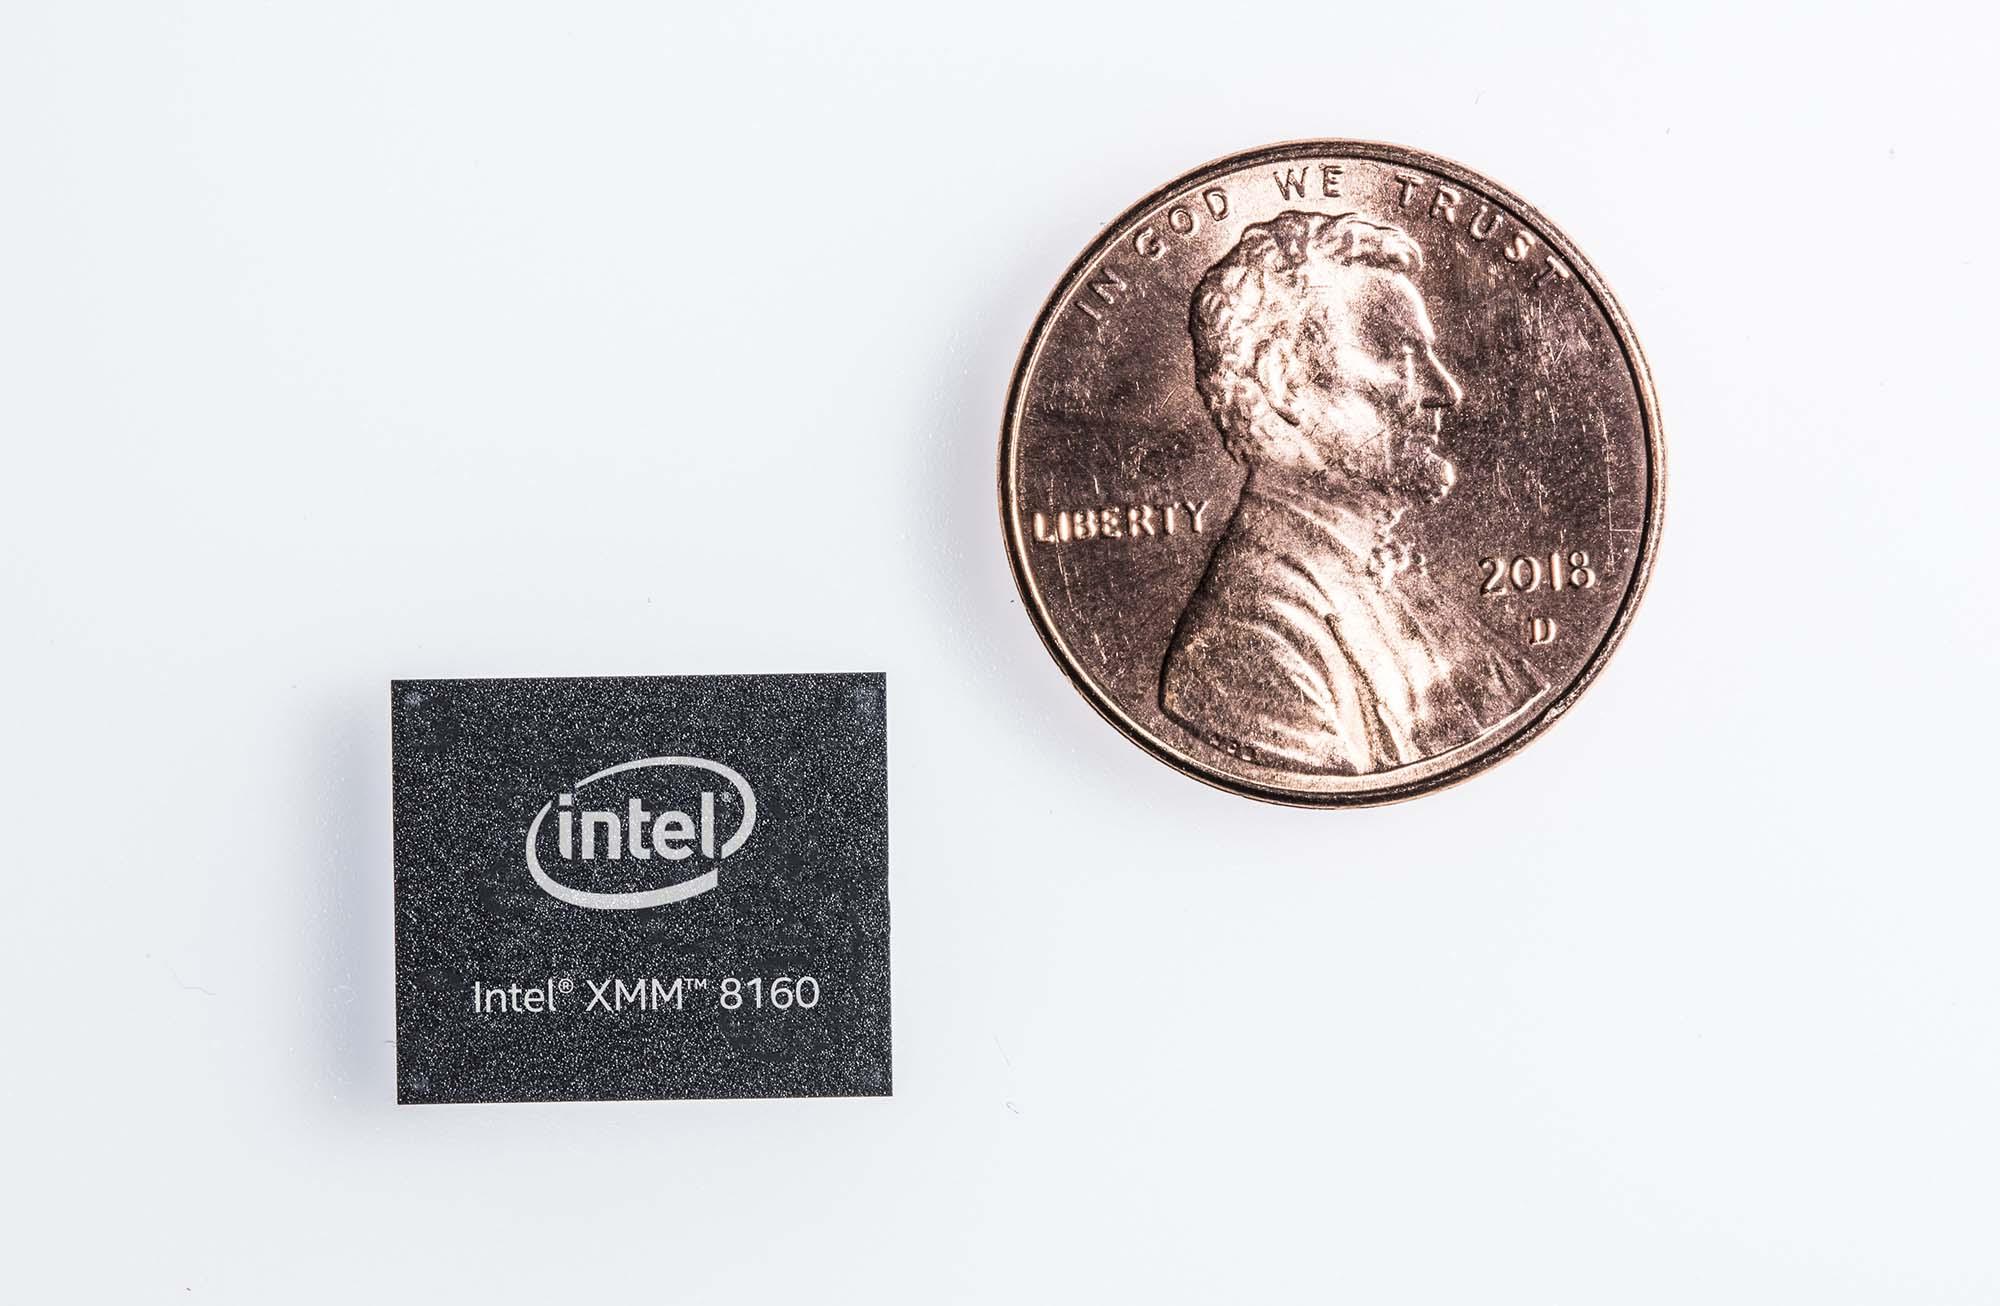 Intel lancera son premier modem 5G en 2019, des smartphones prévus pour 2020